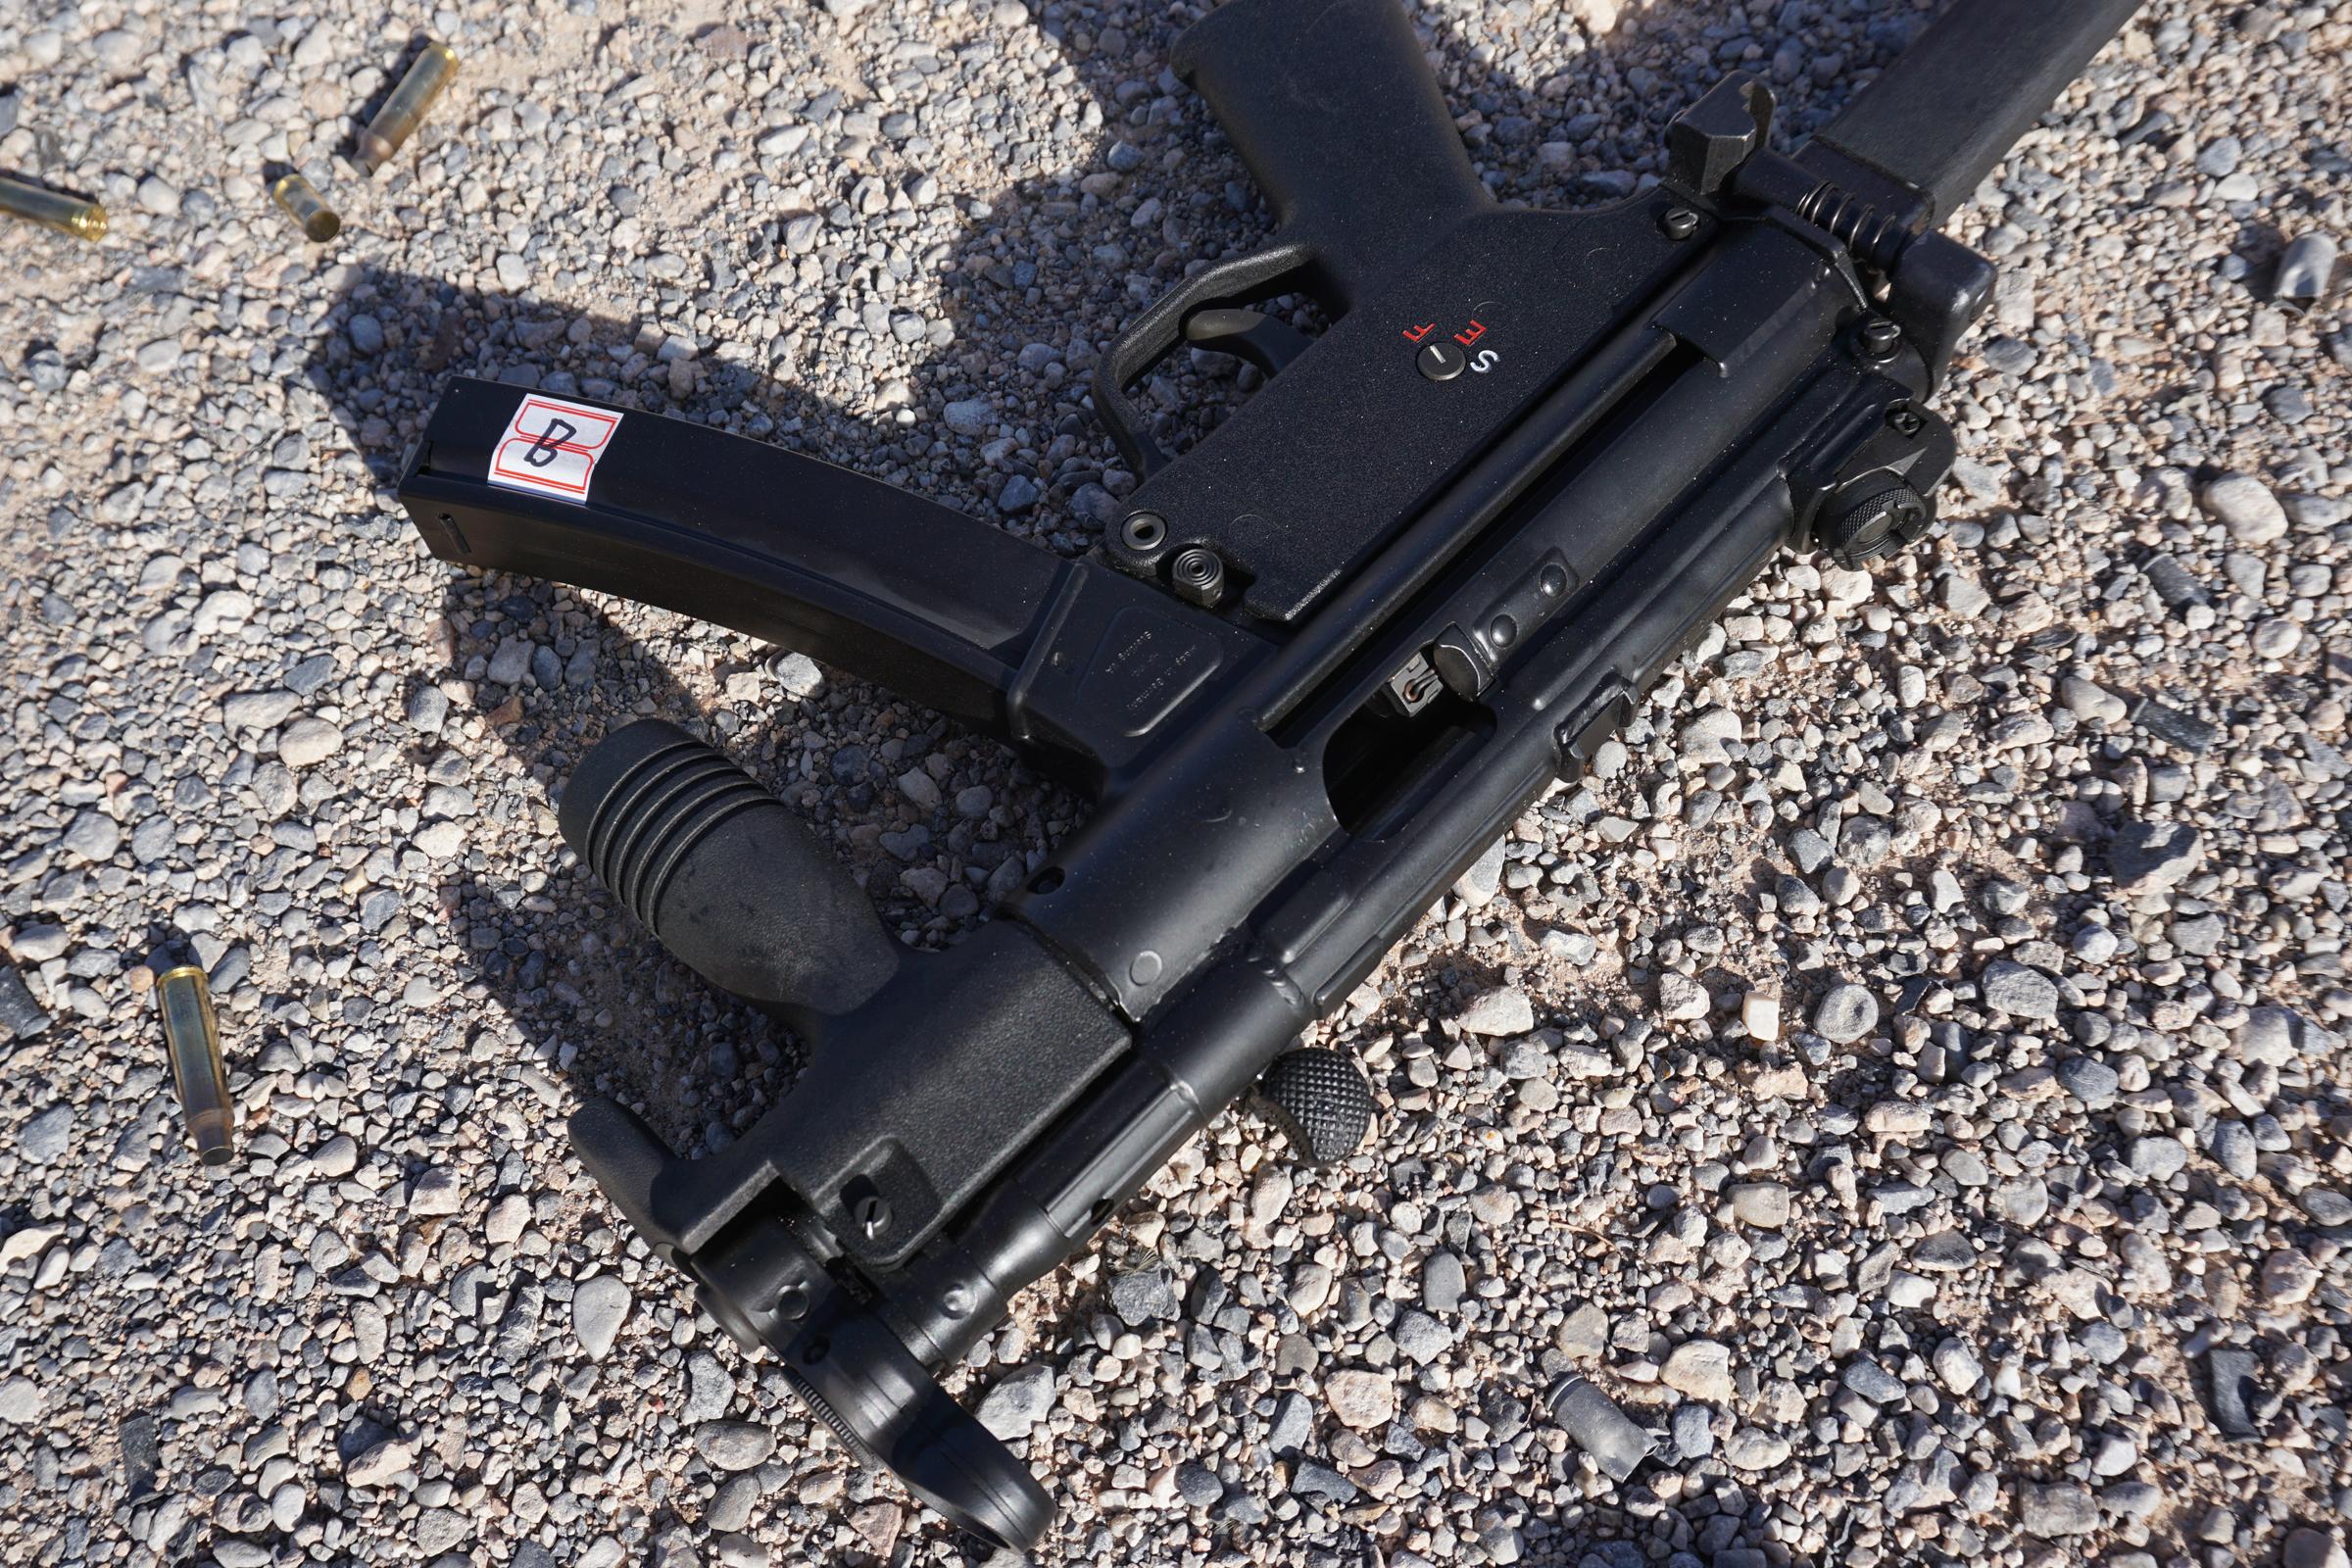 Gen 2 MP5 30rd Magazine @ DSRPC Las Vegas-hk-4.jpg